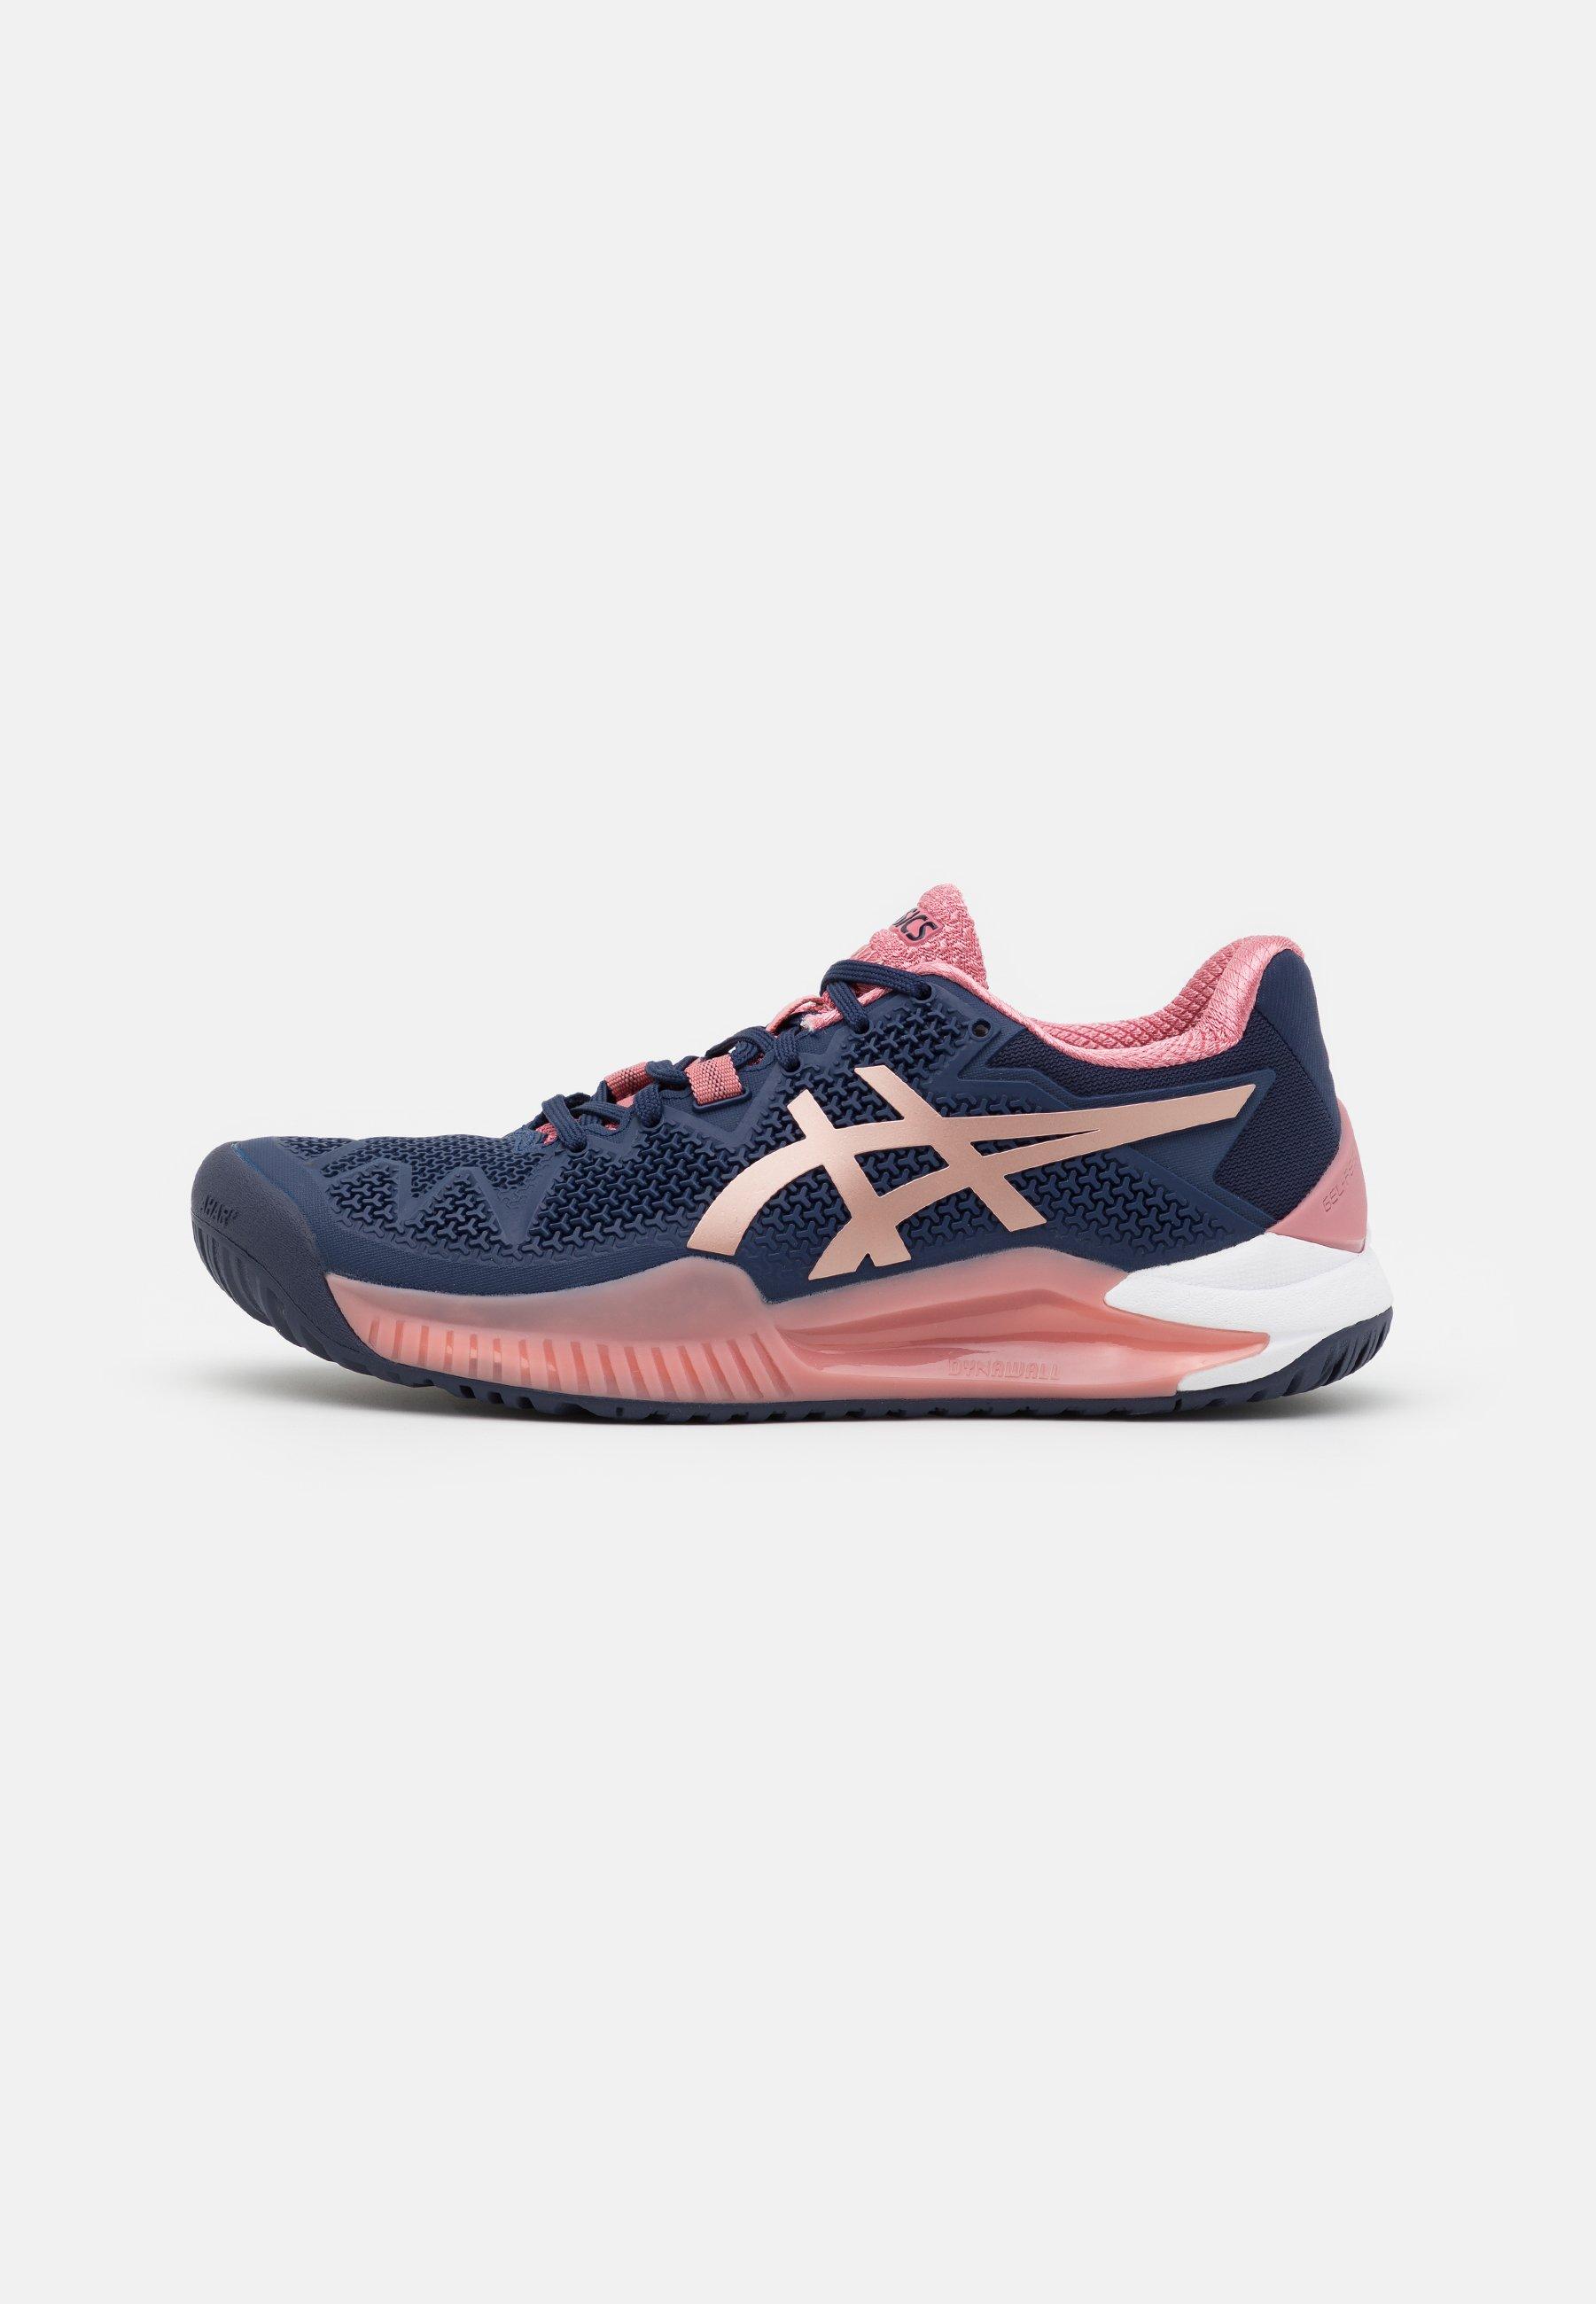 Femme GEL-RESOLUTION 8 - Chaussures de tennis toutes surfaces